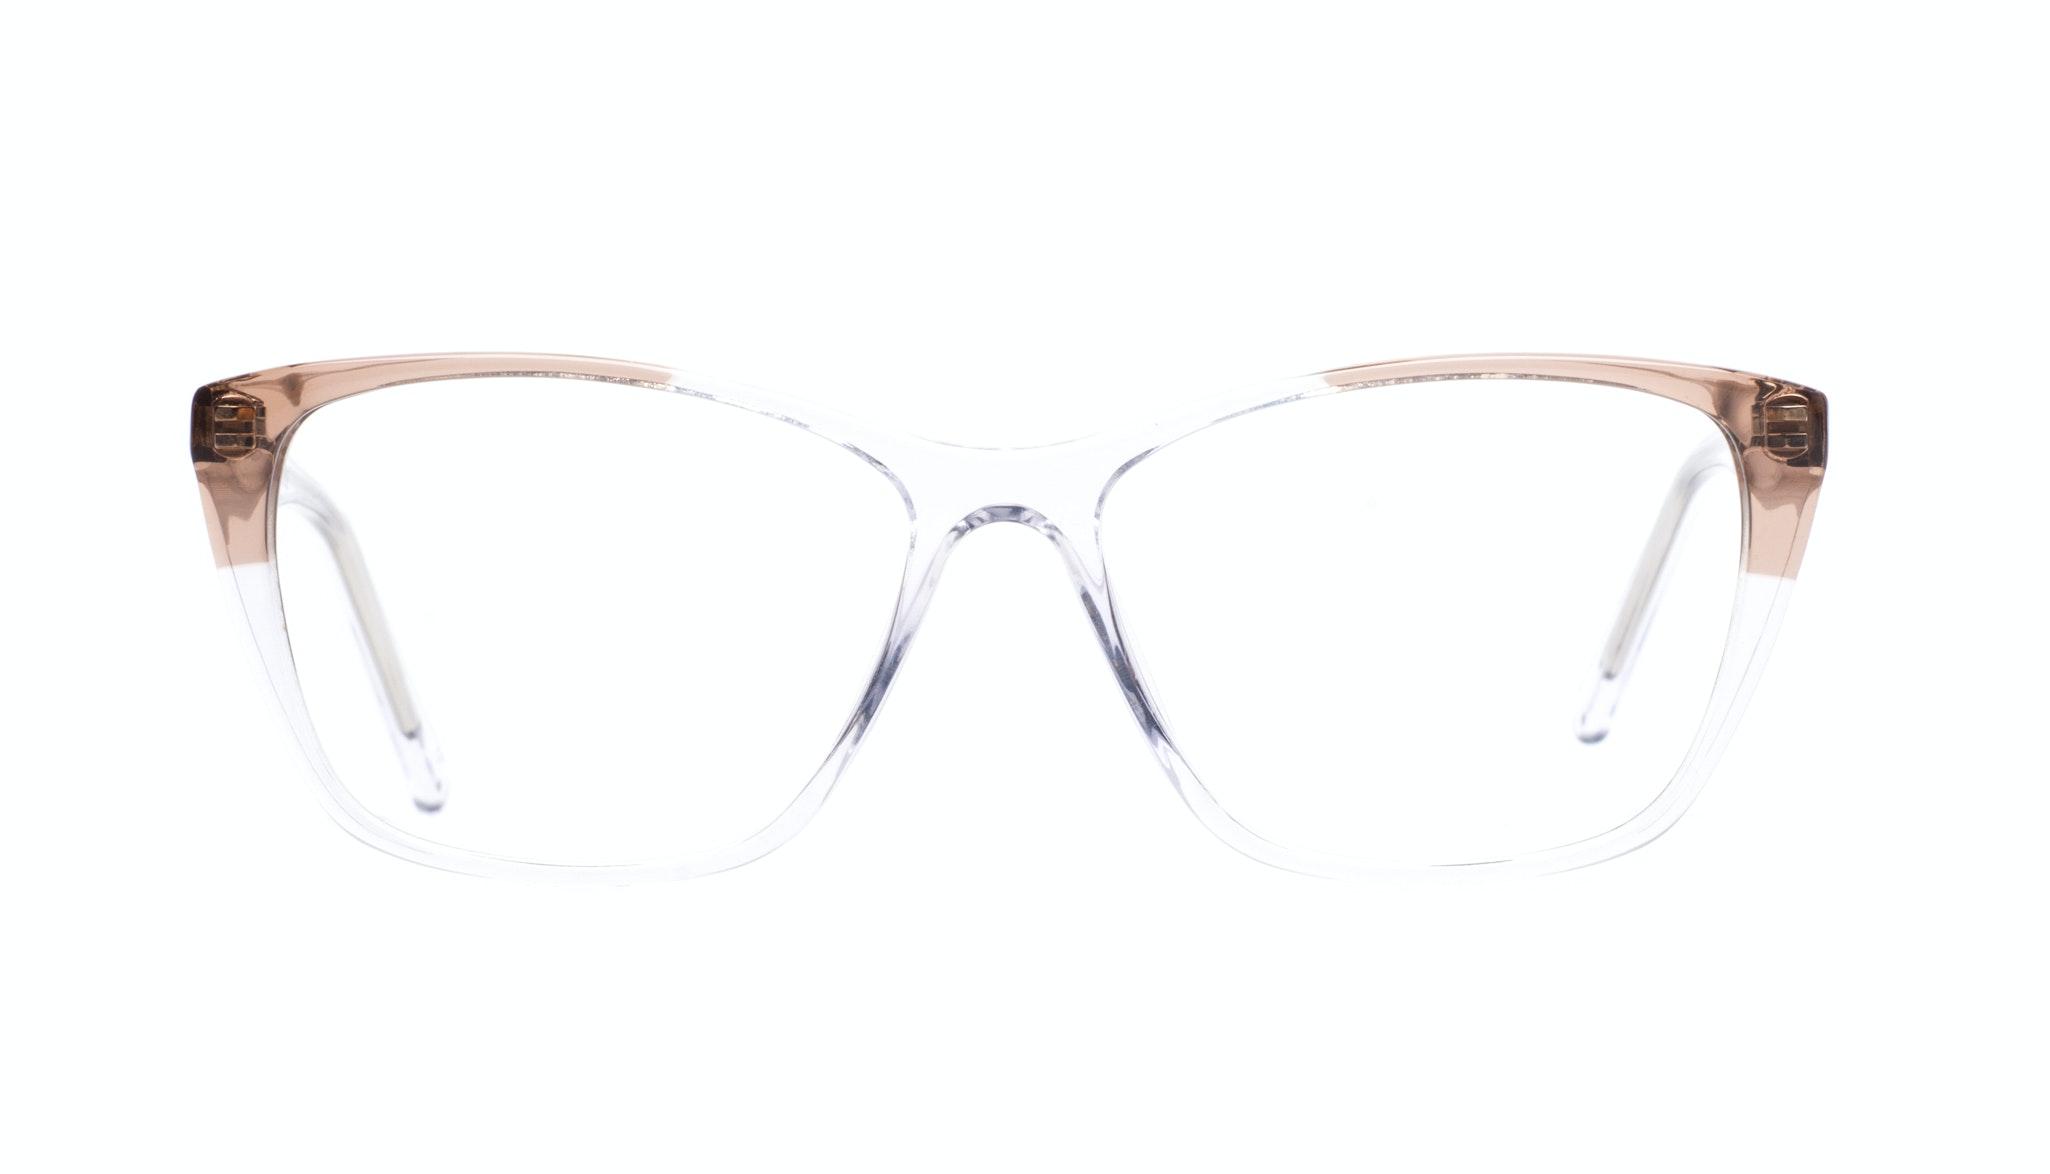 Lunettes tendance Oeil de chat Rectangle Lunettes de vue Femmes Myrtle Diamond Rose